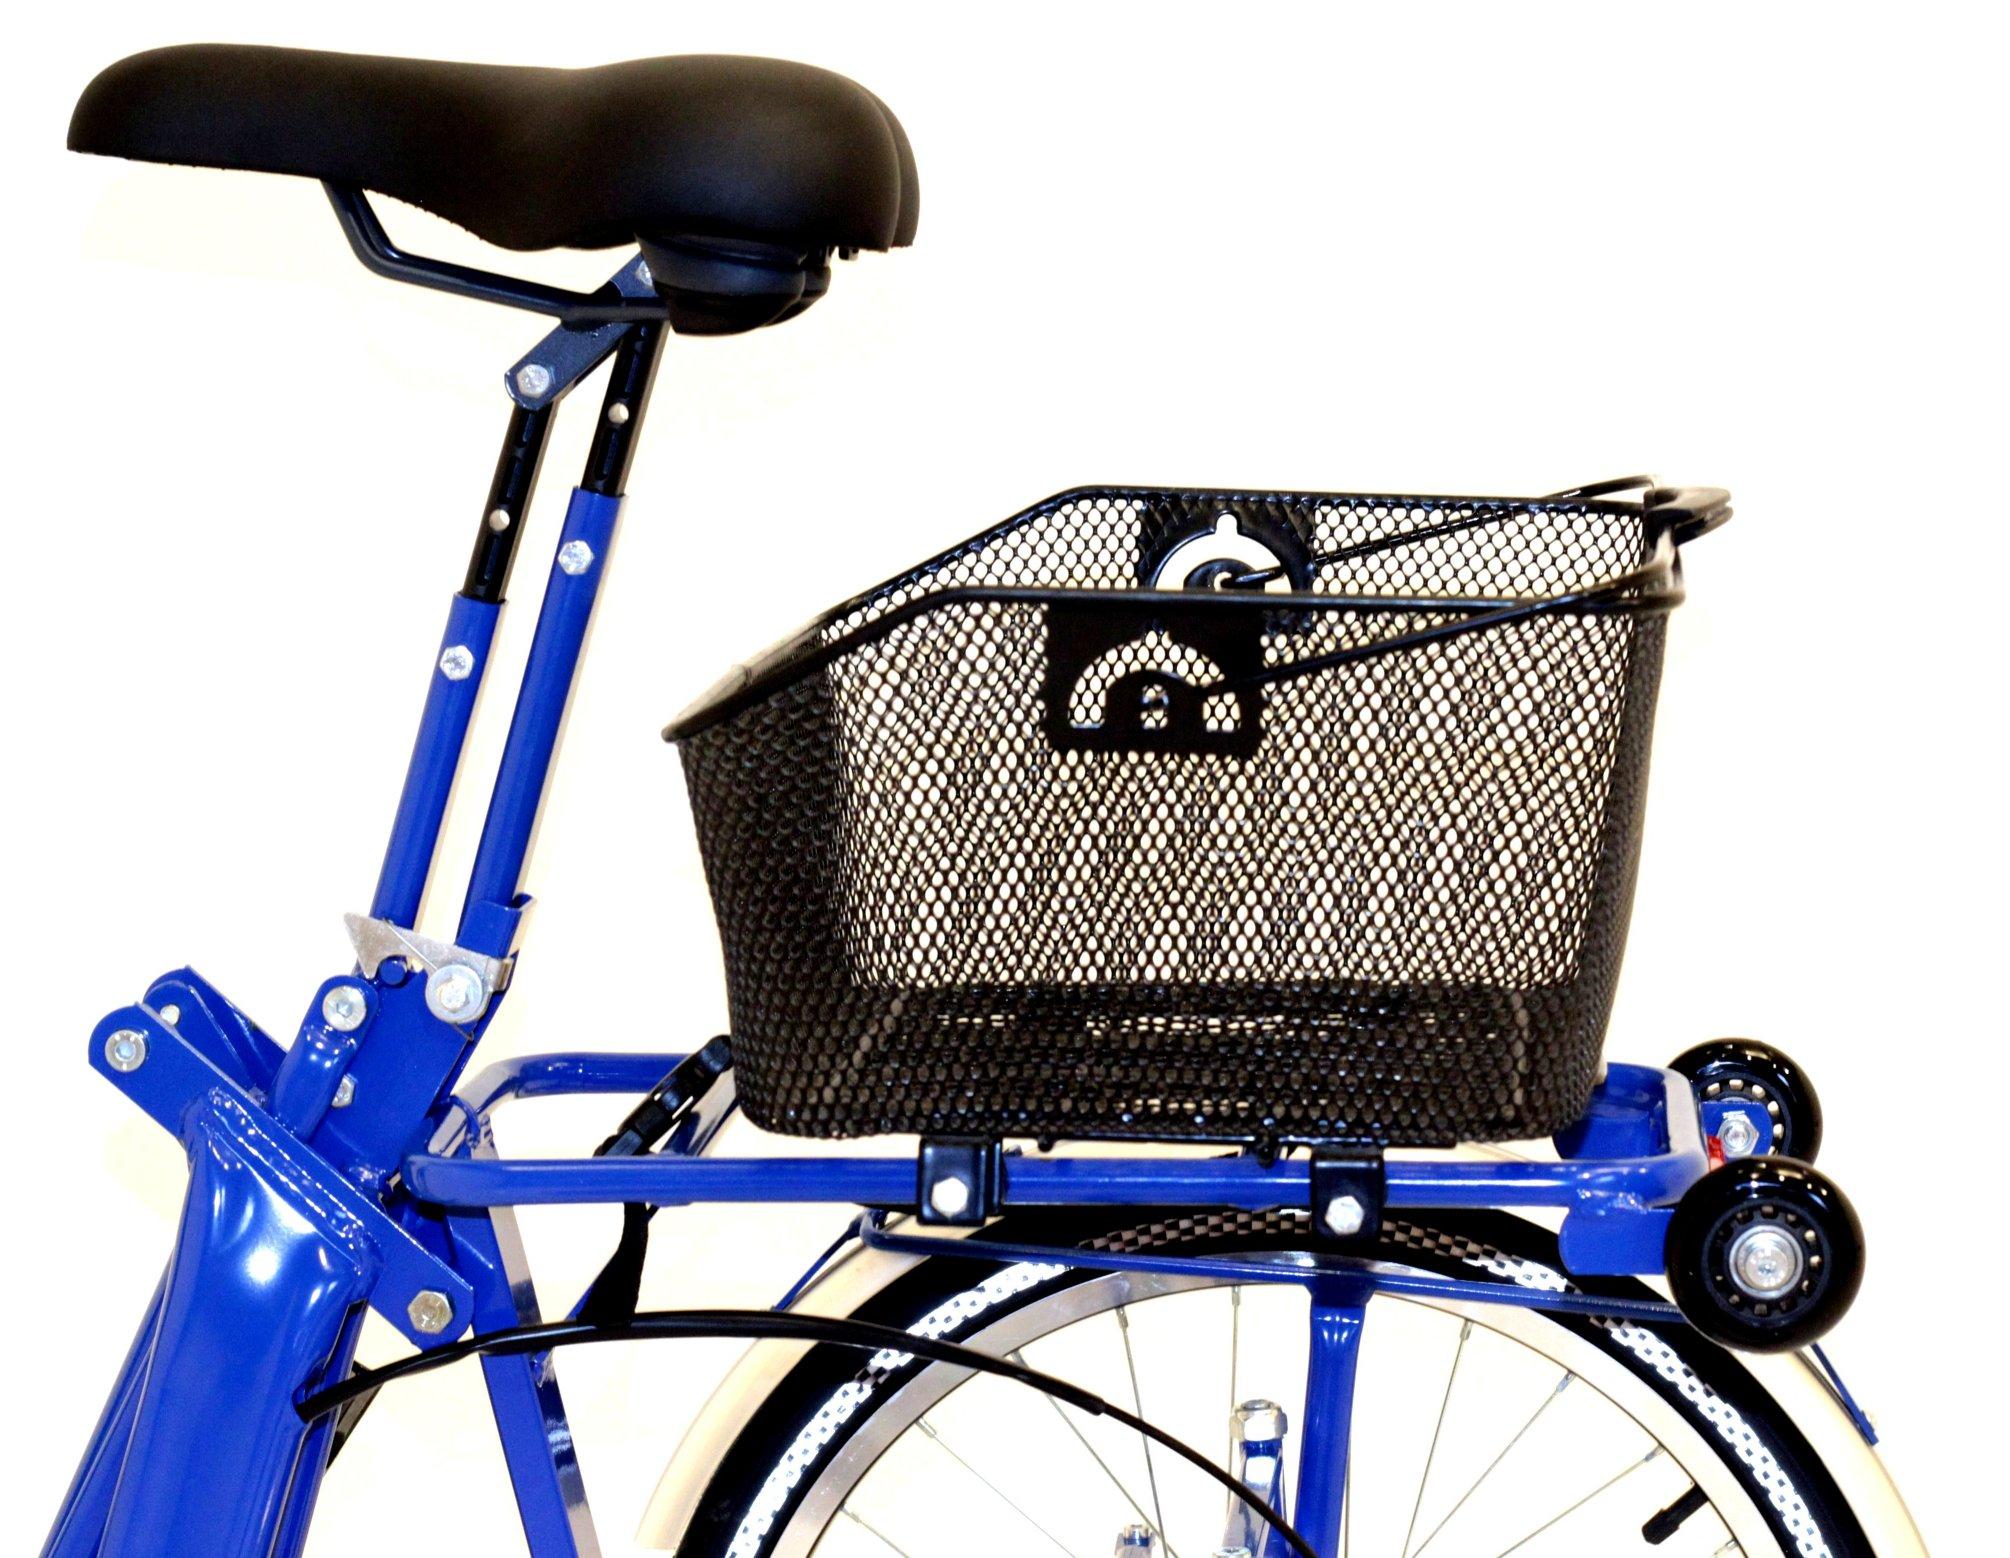 Di blasi r34 folding 5 speed electric italian tricycle